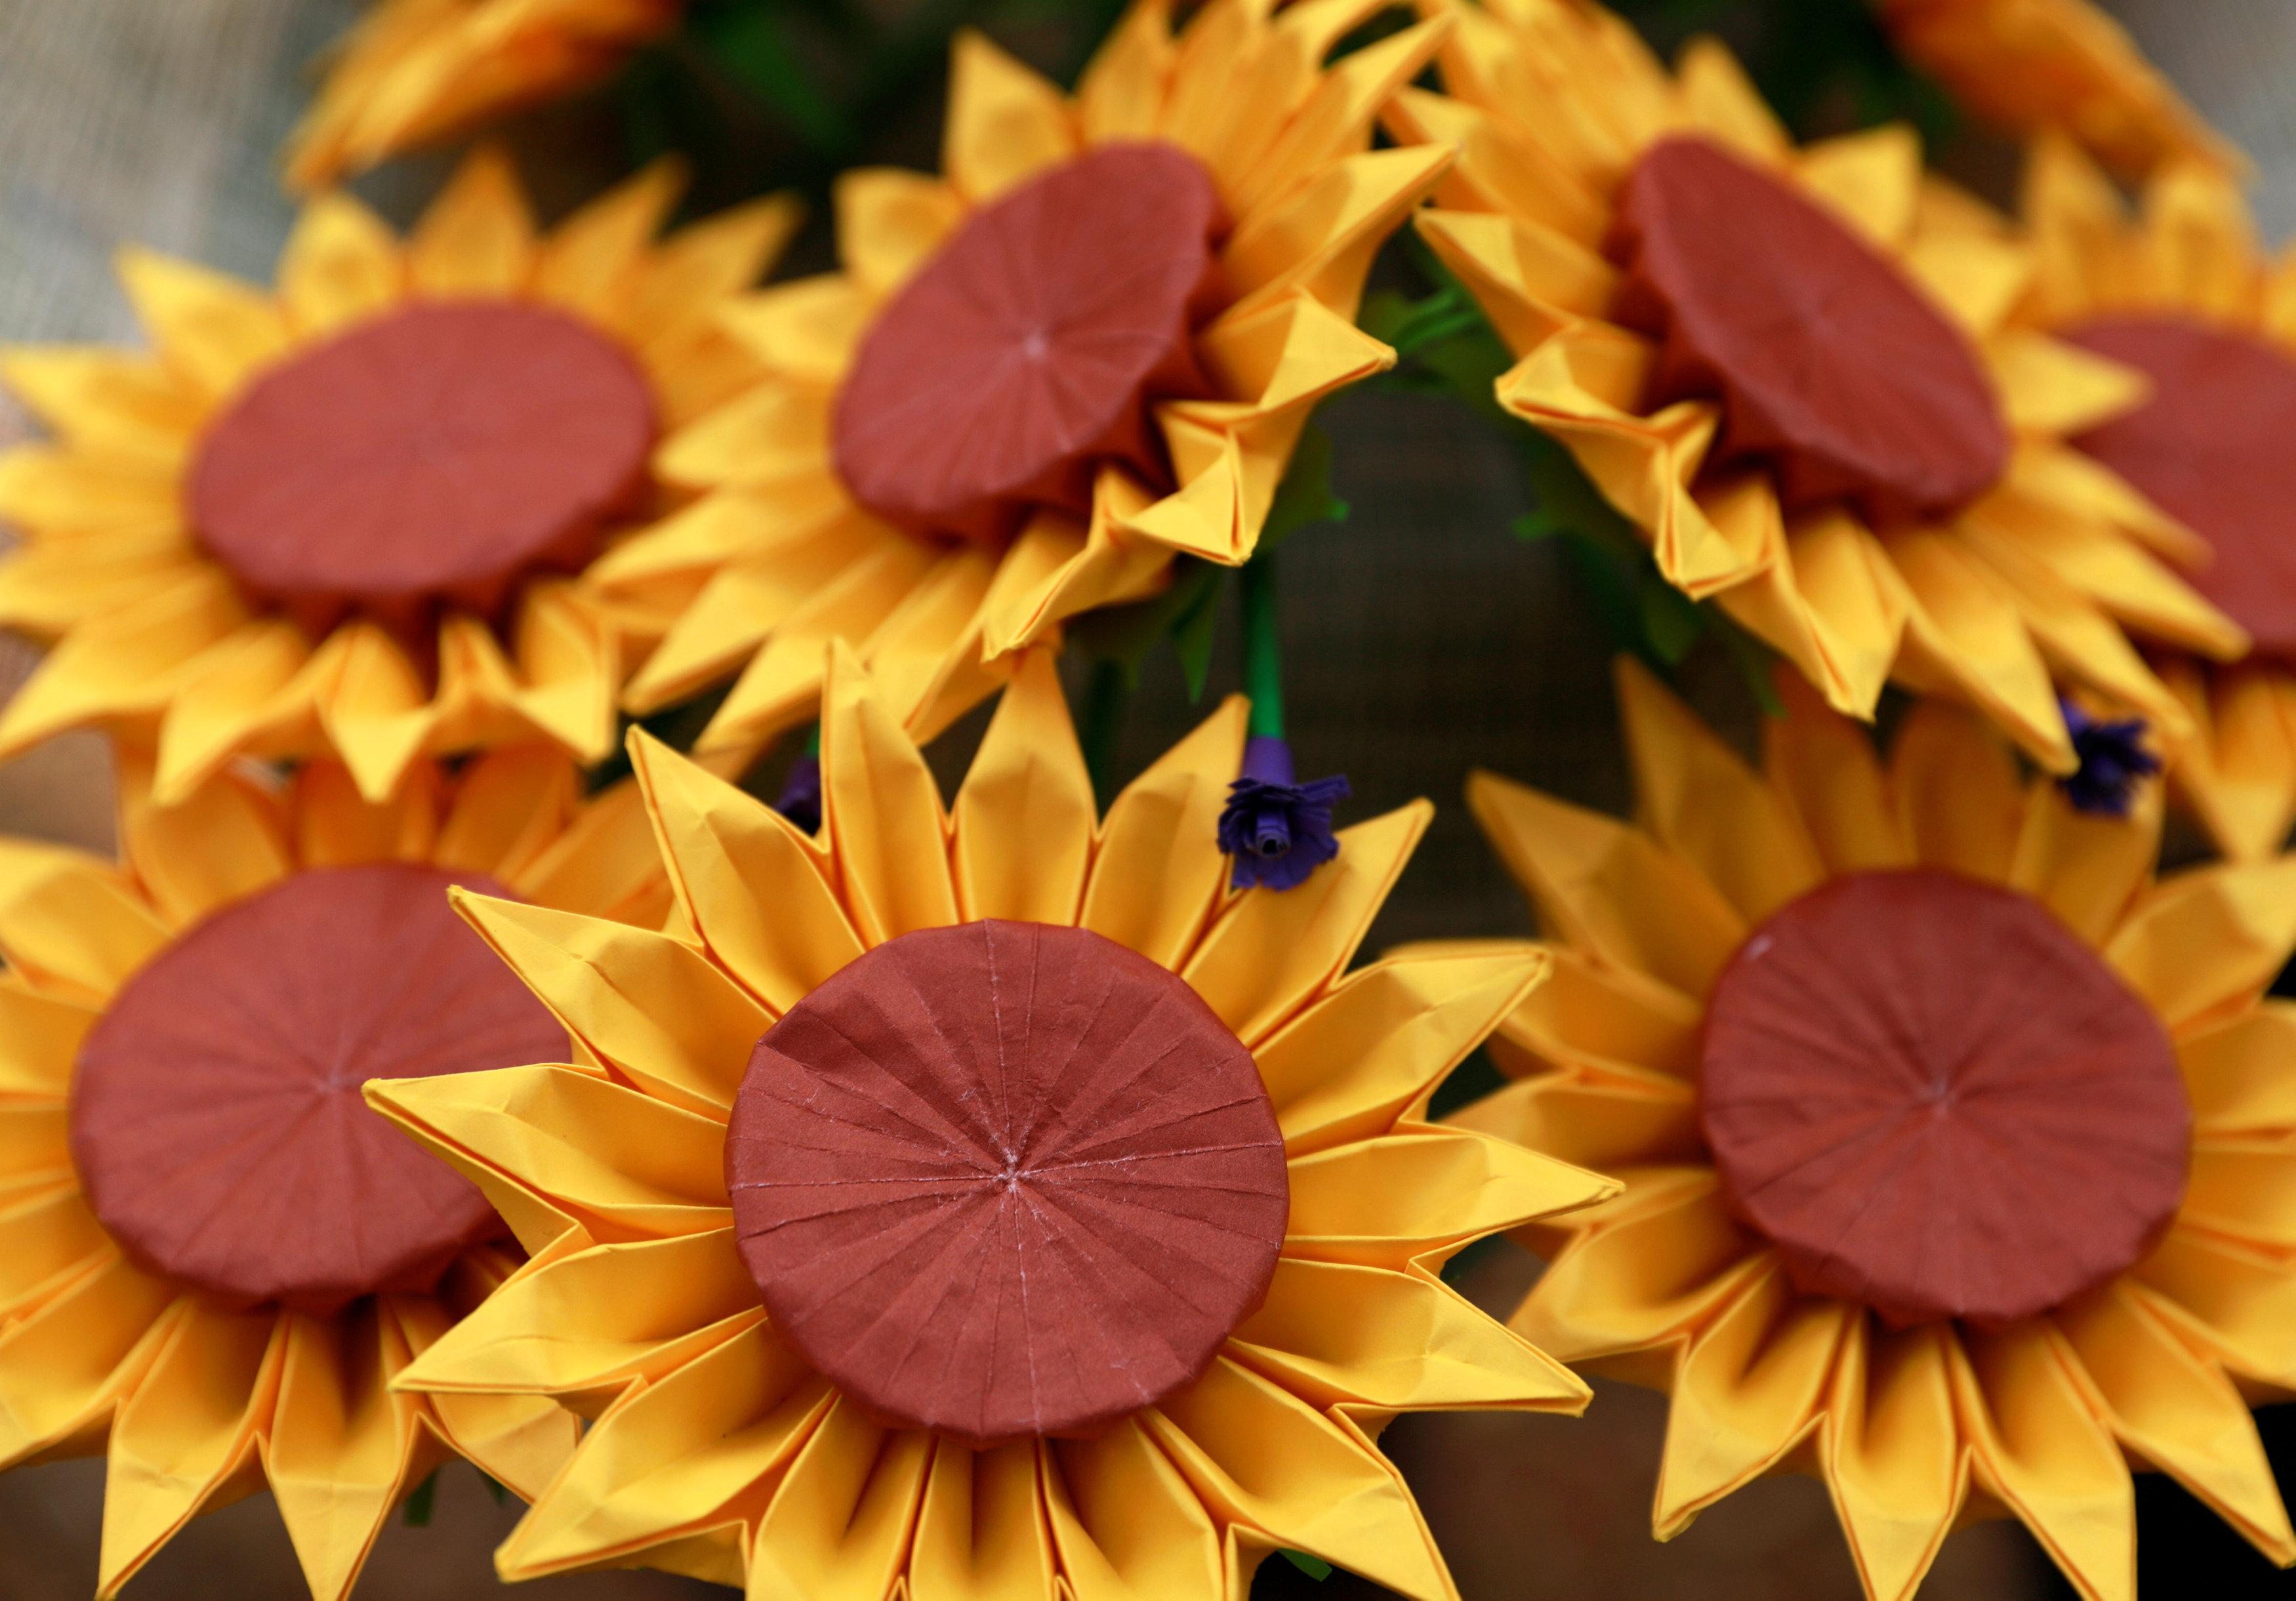 فلبينيون يعبرون عن حبهم الأبدى بباقات زهور ورقية (2)